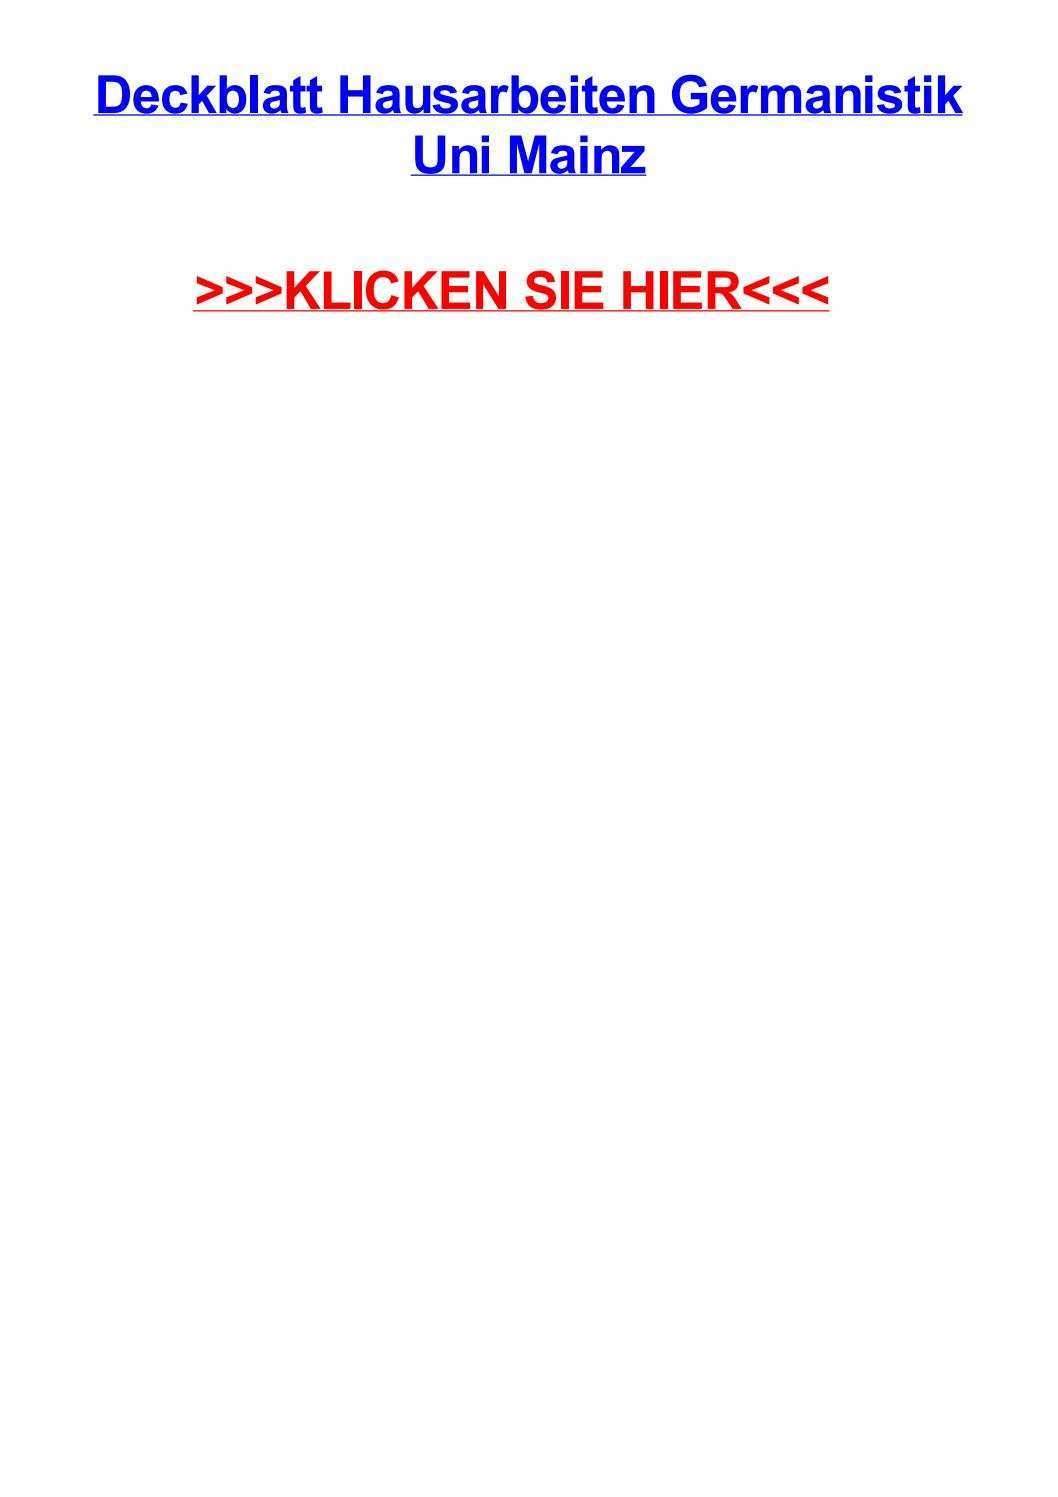 Deckblatt Hausarbeiten Germanistik Uni Mainz By Lisawhns Issuu